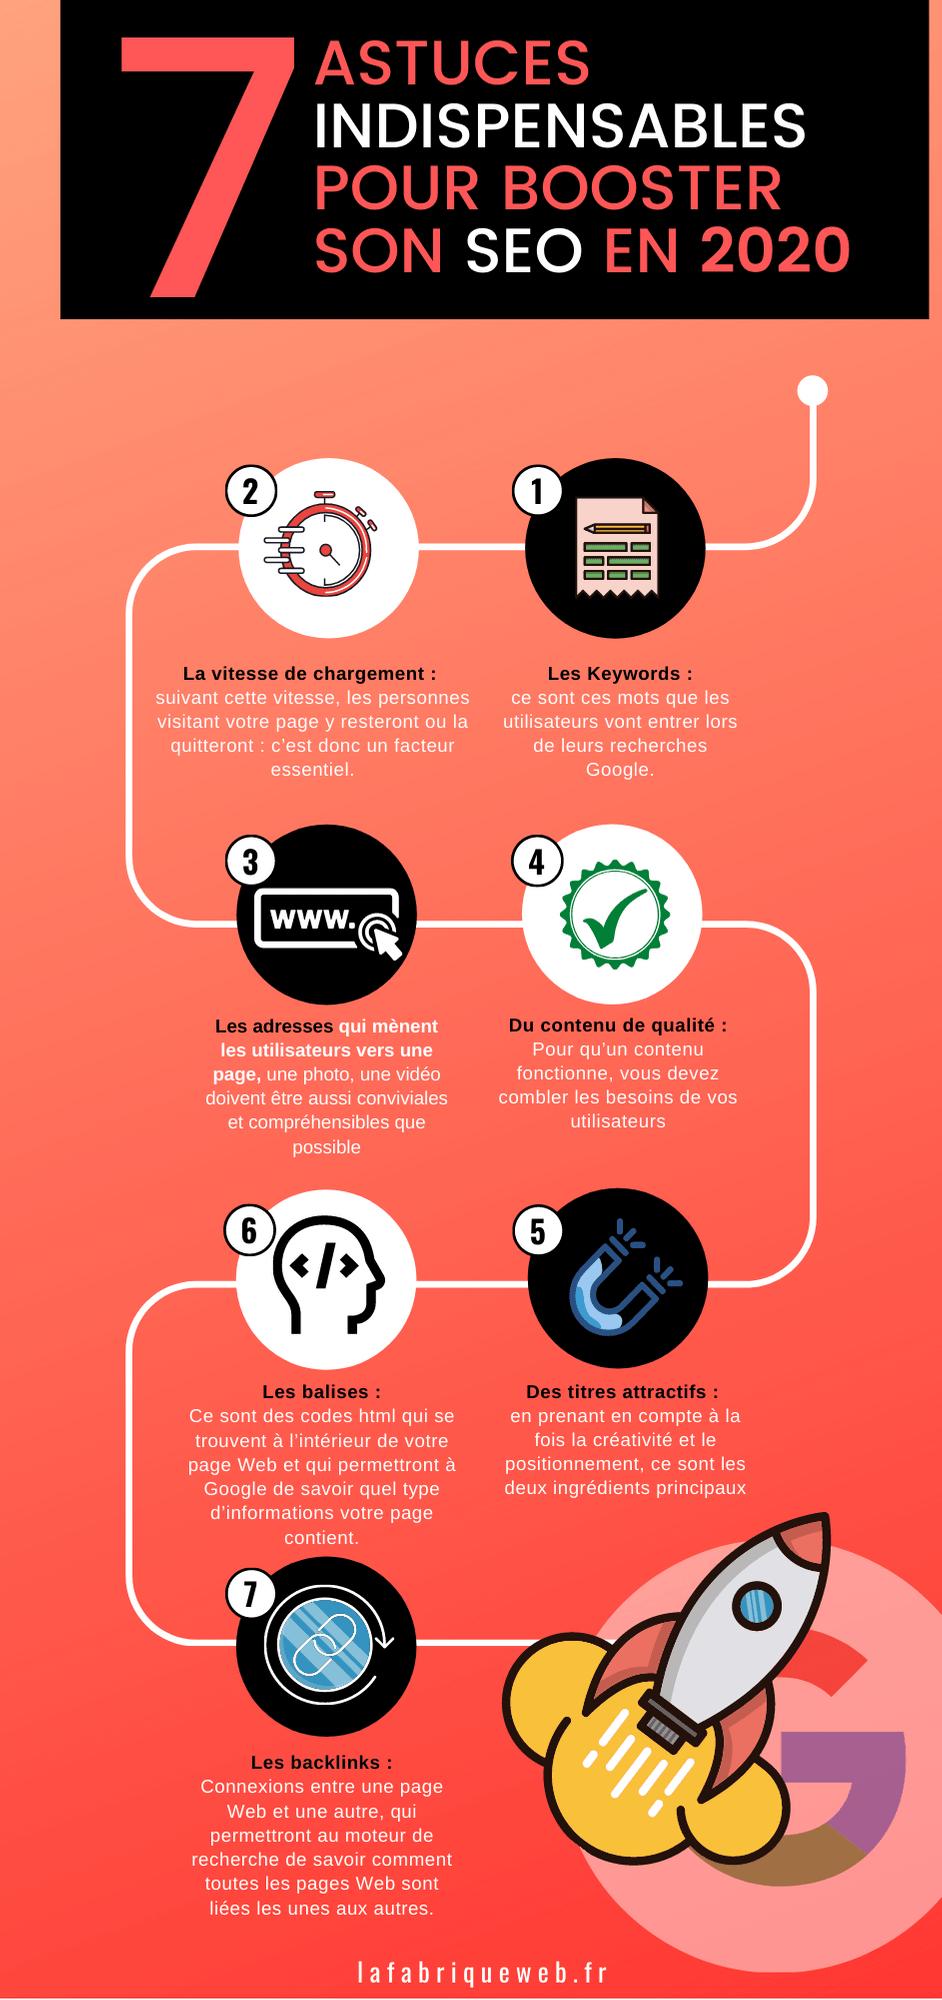 7 astuces indispensables pour booster son SEO en 2020